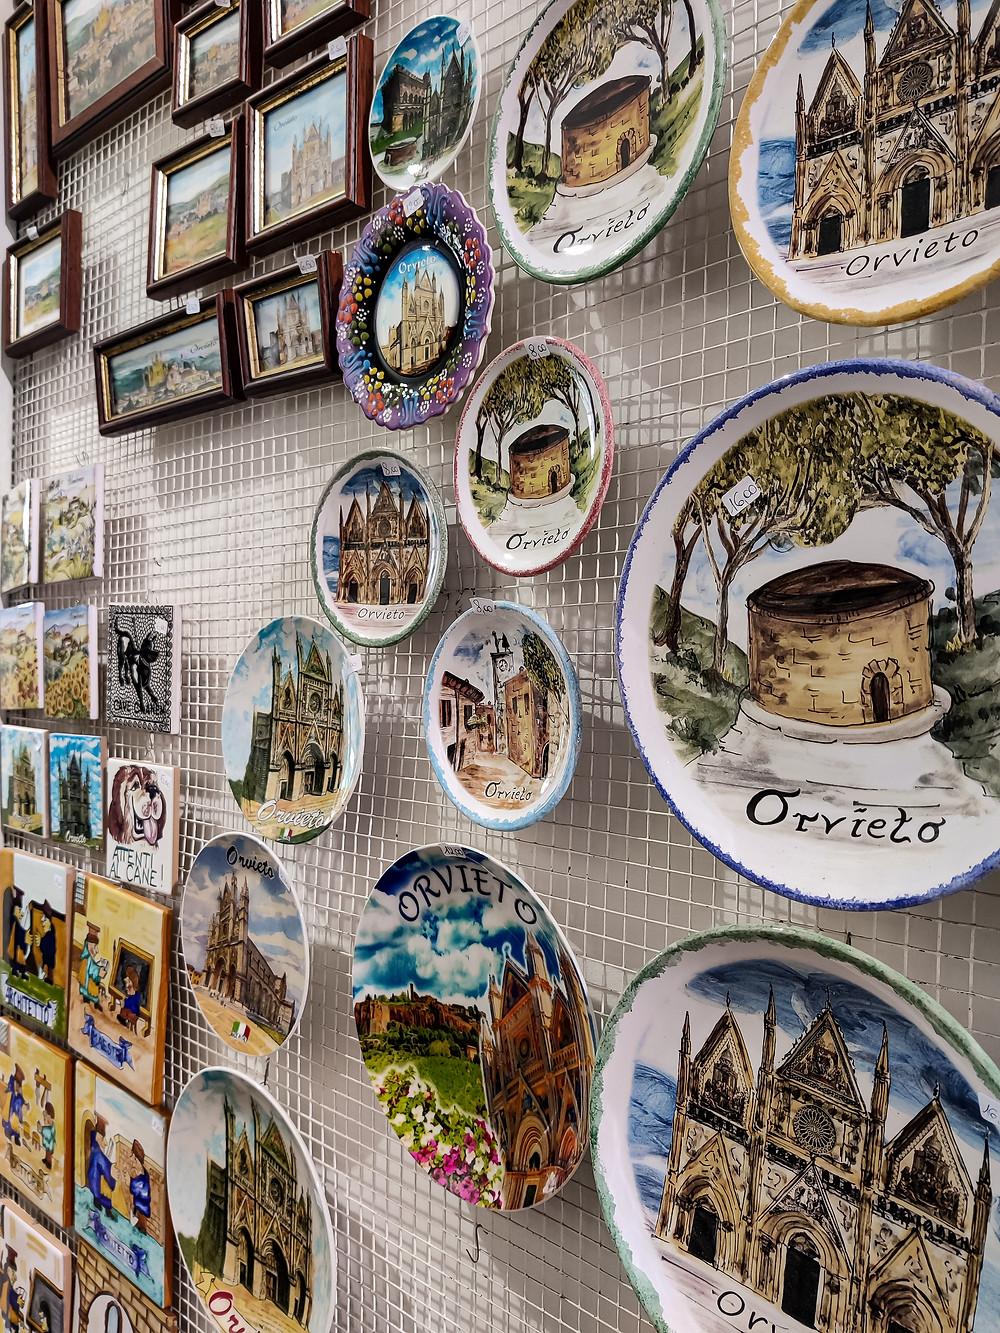 pannello di calamite in legno e ceramica, tipiche di Orvieto